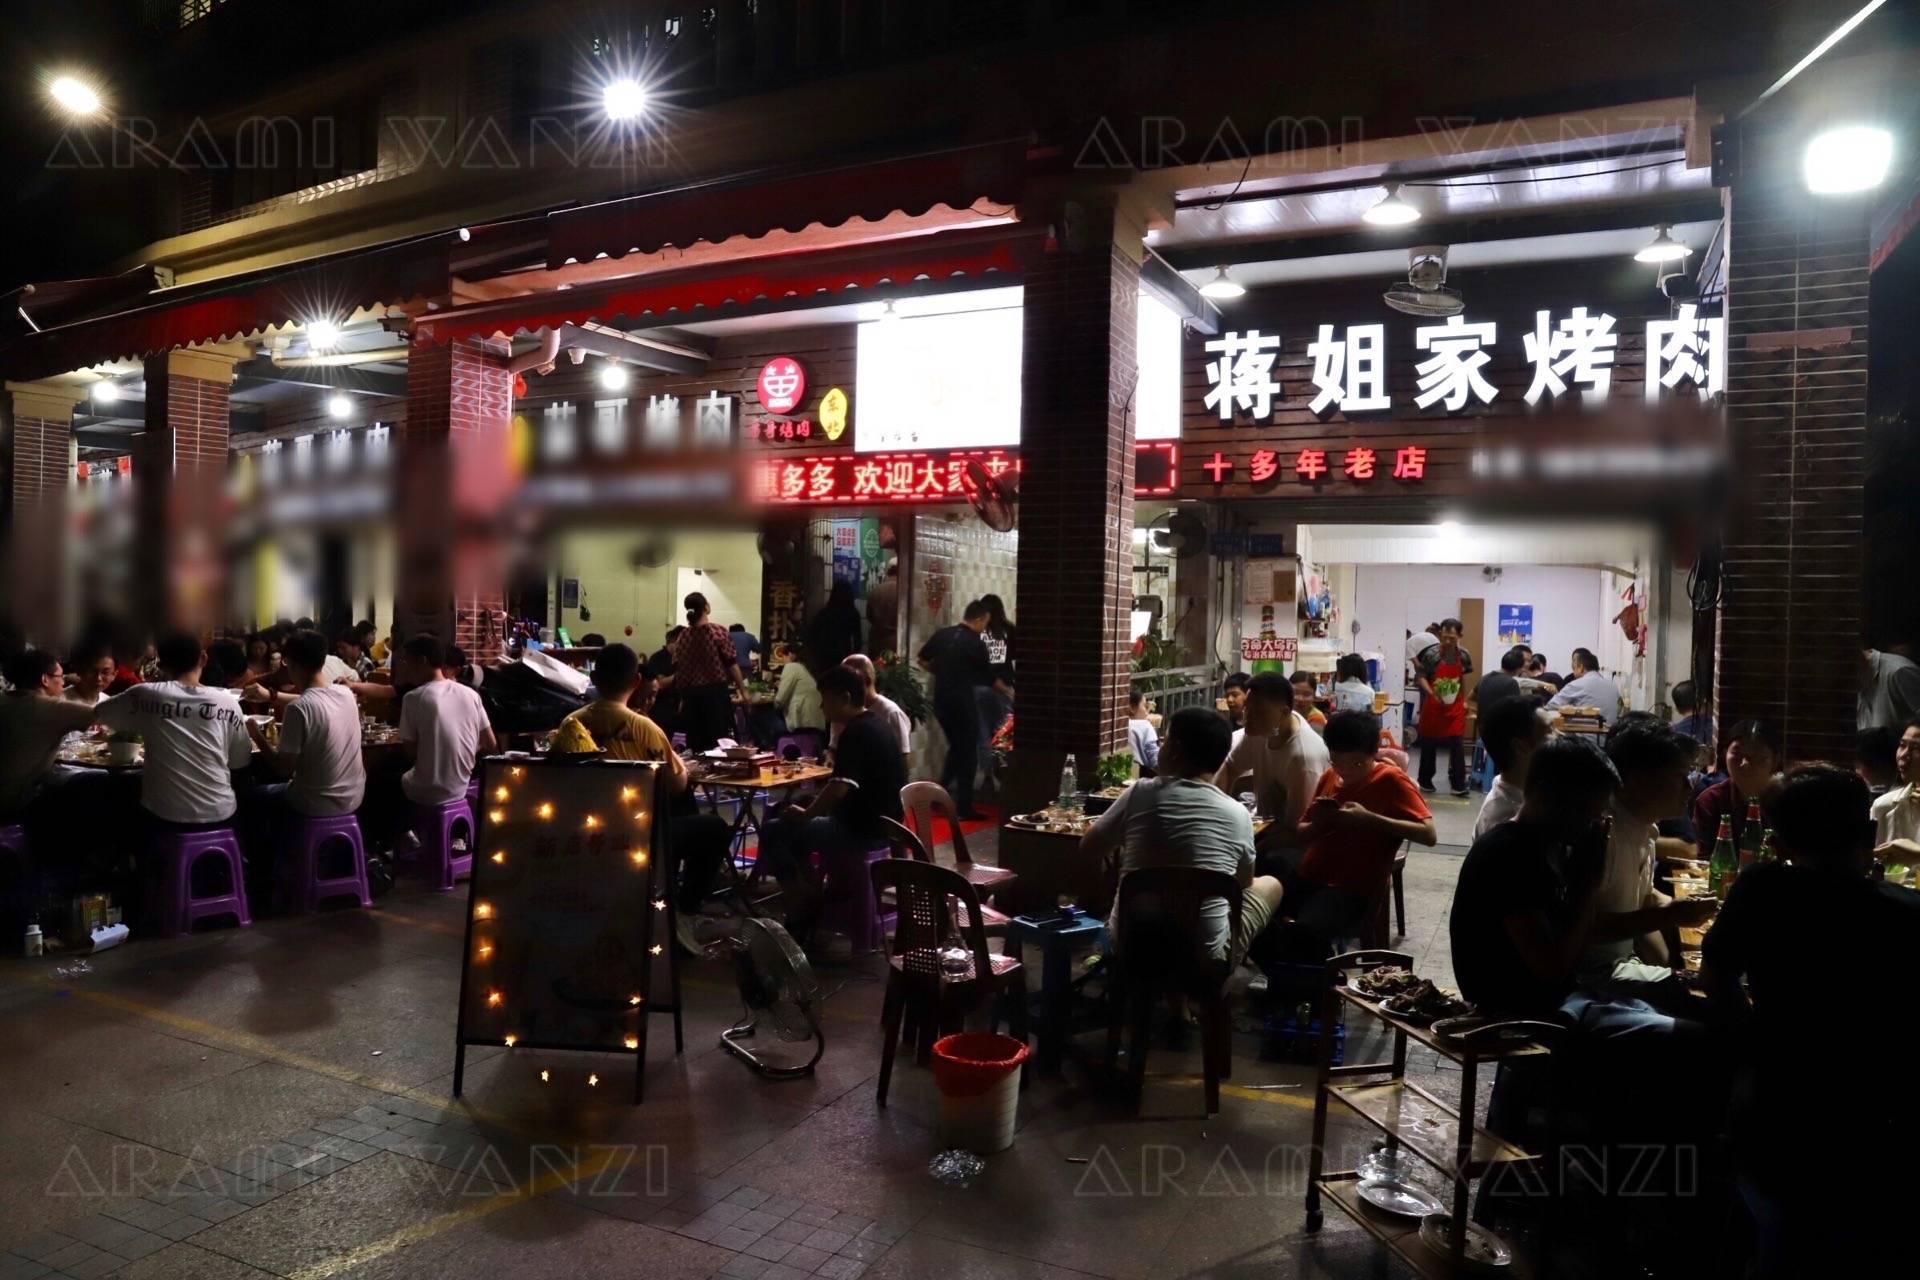 厦门城市学院旁边的原东北纸烧烤,经济实惠,吃不腻。